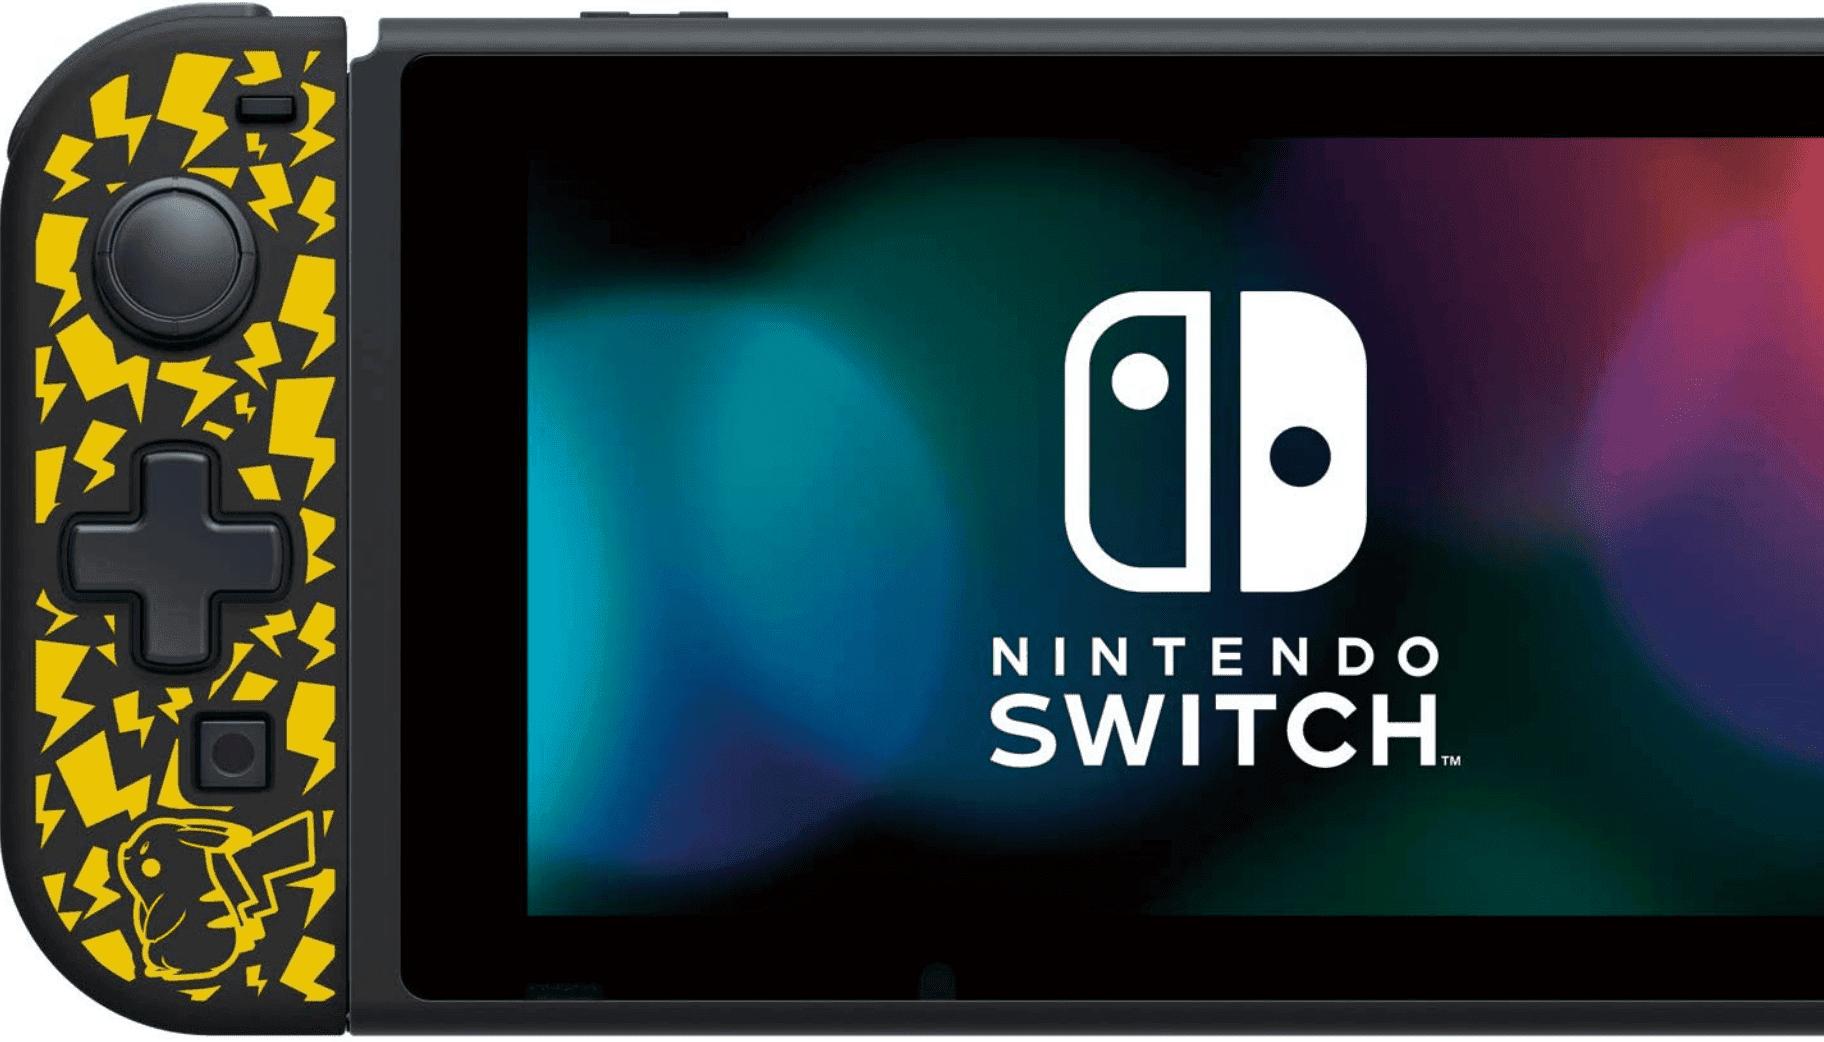 HORI publicará una versión de Pikachu de su Joy-Con con D-pad